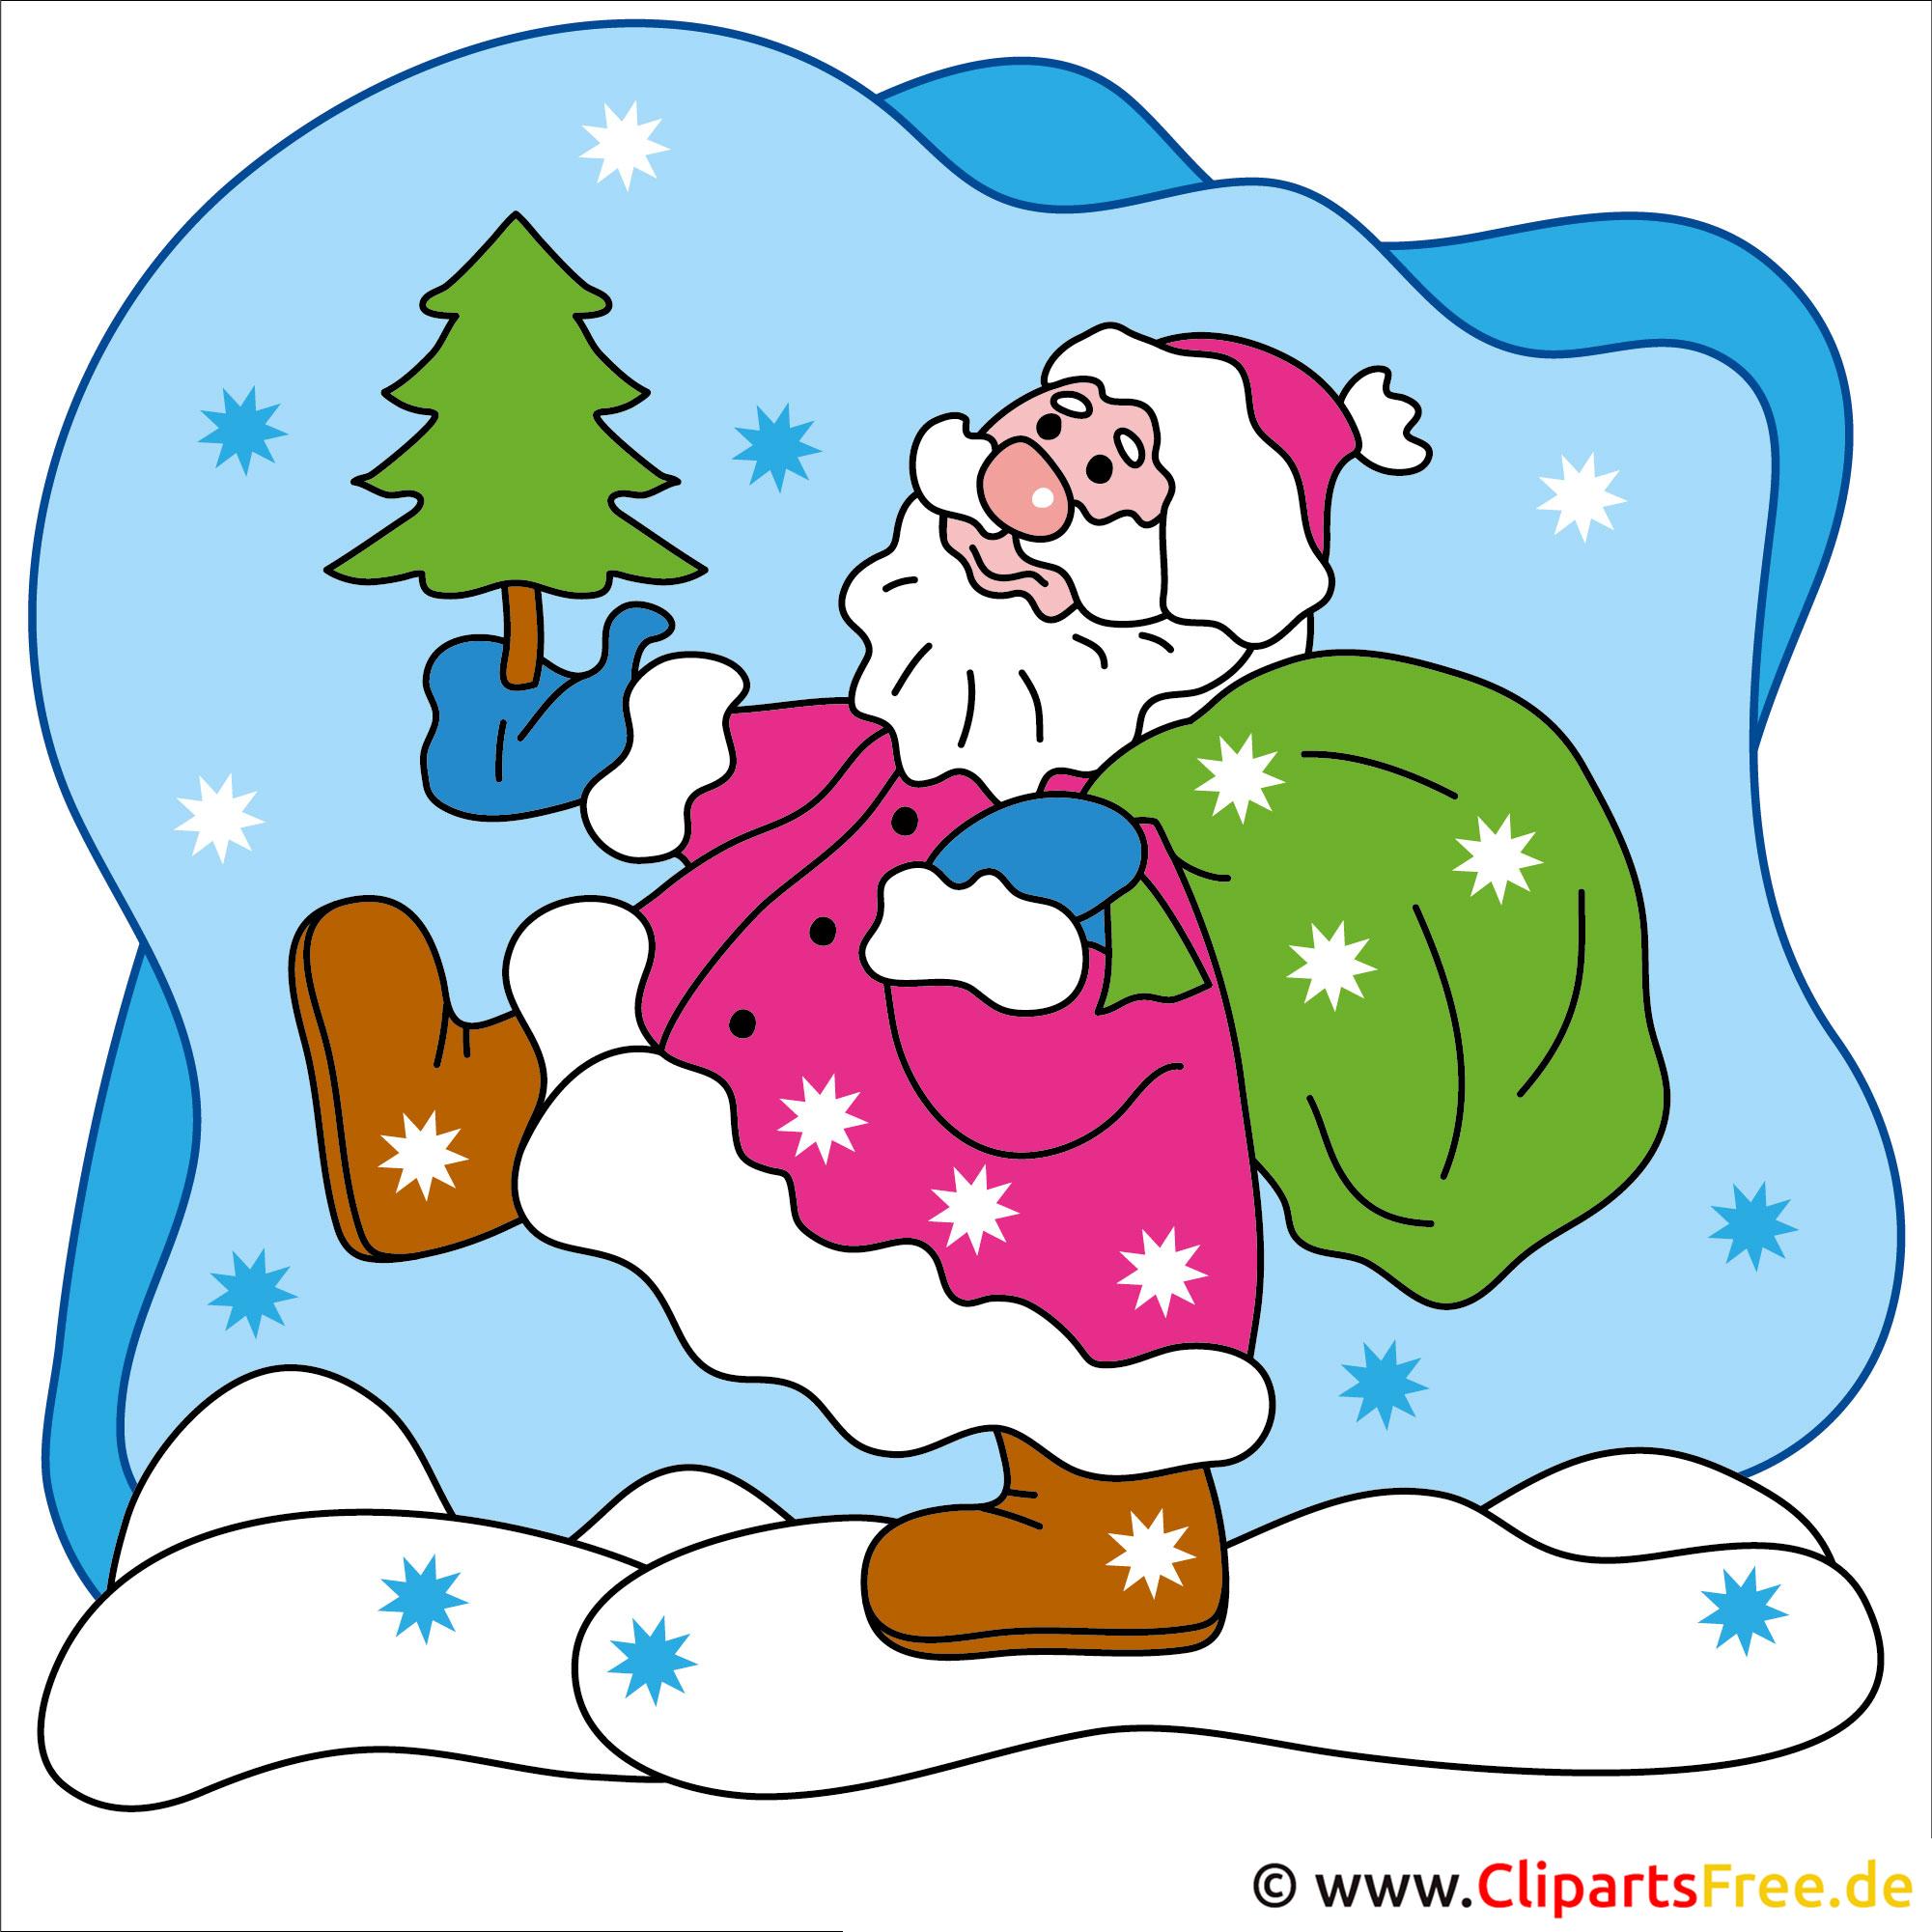 Clip Art zu Weihnachten Weihnachtsmann mit Tannenbaum